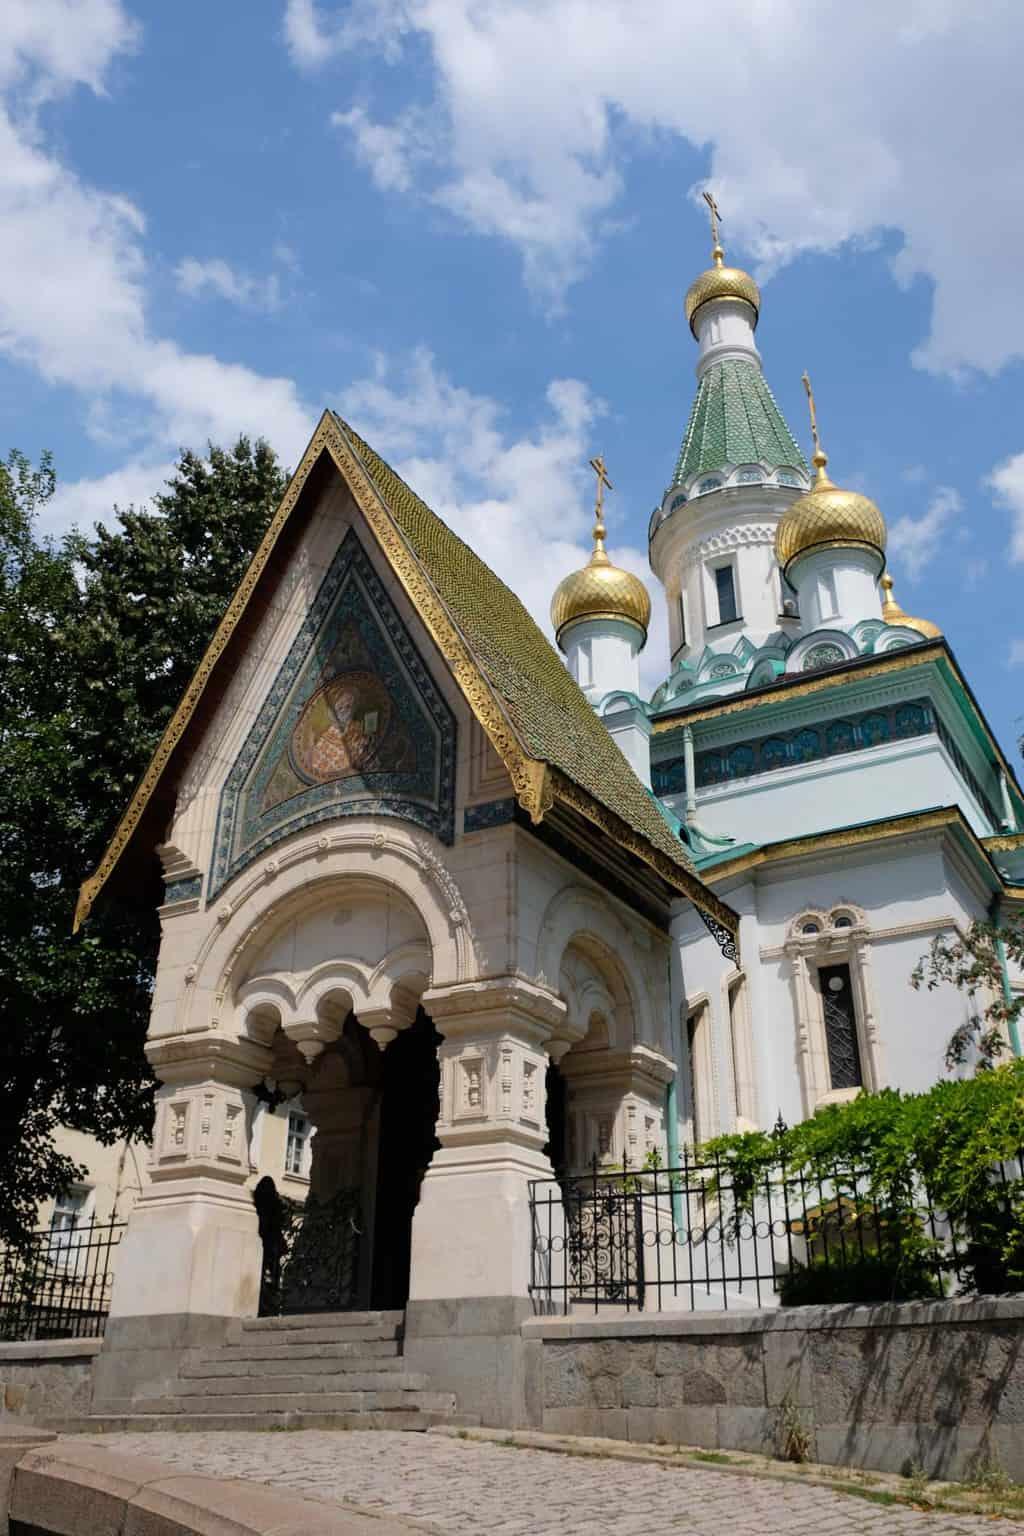 Russisch orthodoxe kerk SvetiNikolay Mirlikiiski